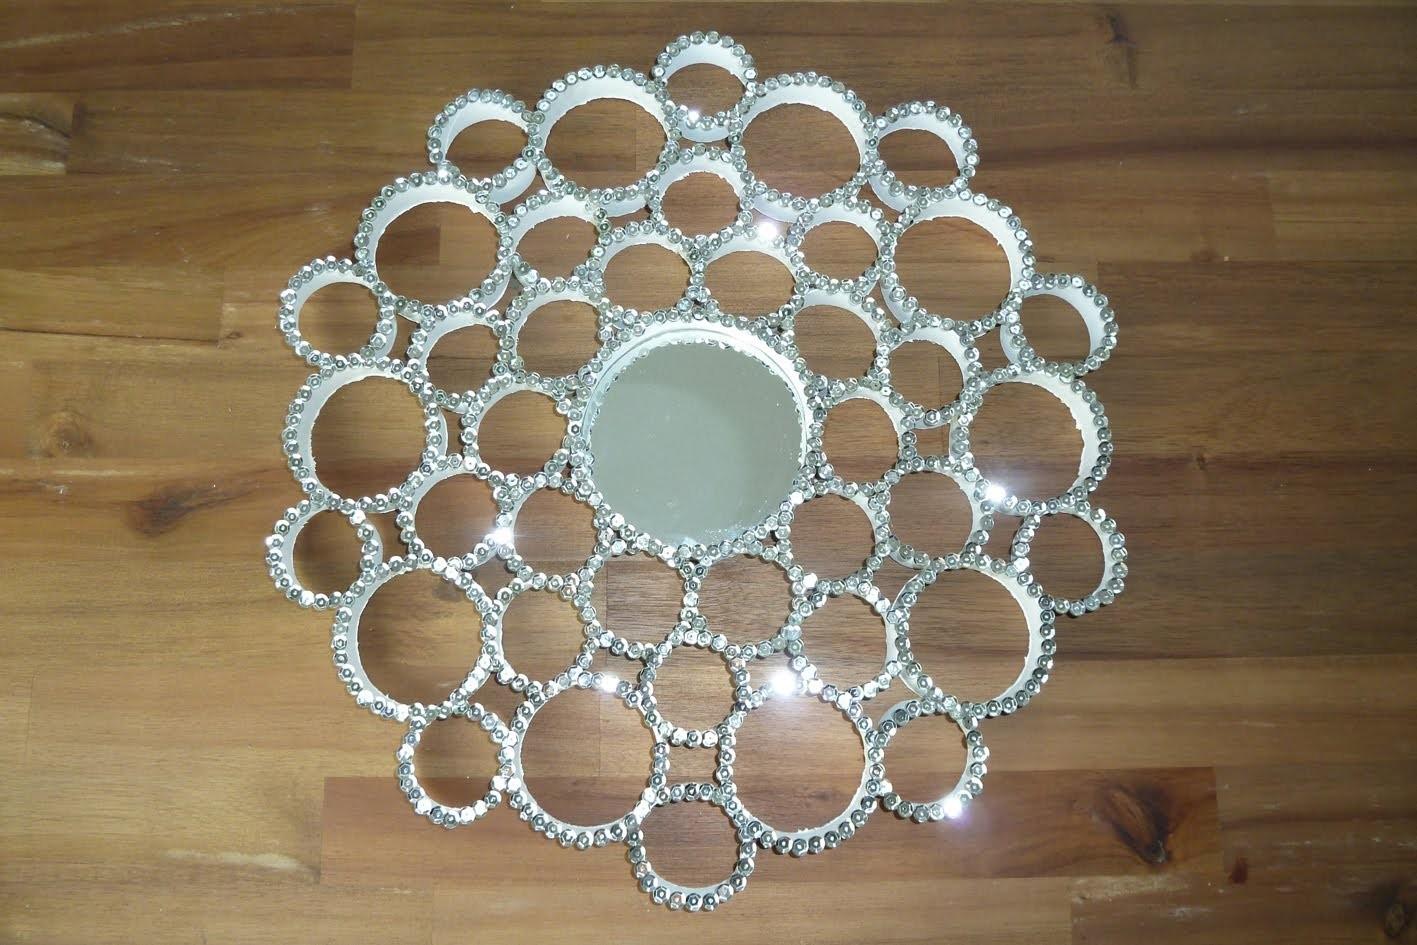 DIY: Deko Pailletten Spiegel aus Papprollen selbst machen | Deko-Kitchen